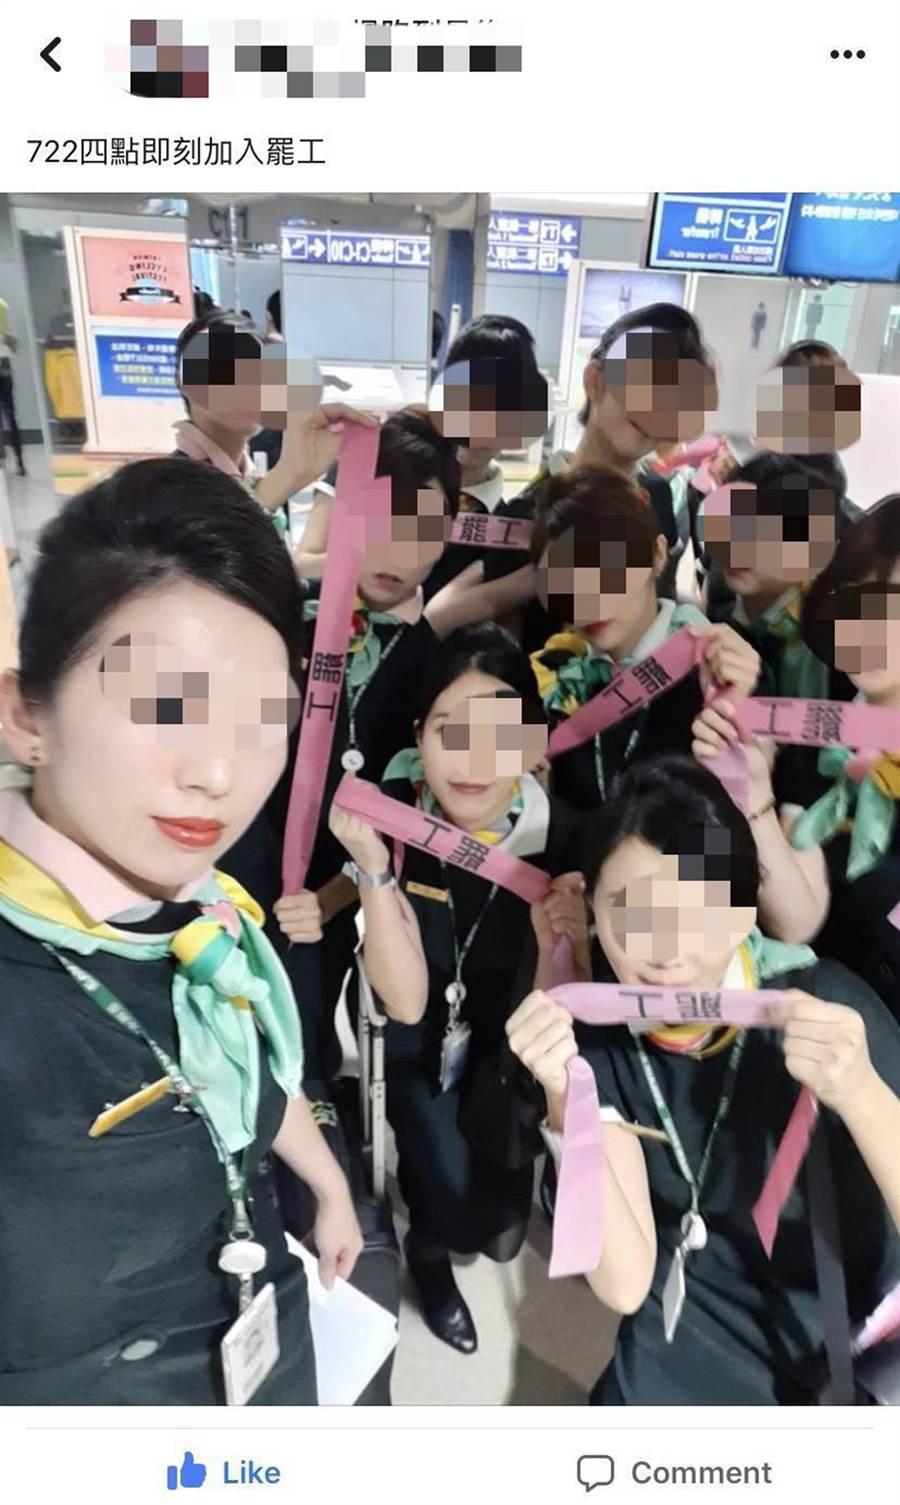 在桃空職工20日宣布下午4時開始罷工,當日BR722班機中的12名空服員在下午2時30分已完成報到開始支薪,卻在登機前罷飛,旅客當場傻眼,空服員還開心拍照上傳臉書社團。(讀者提供)